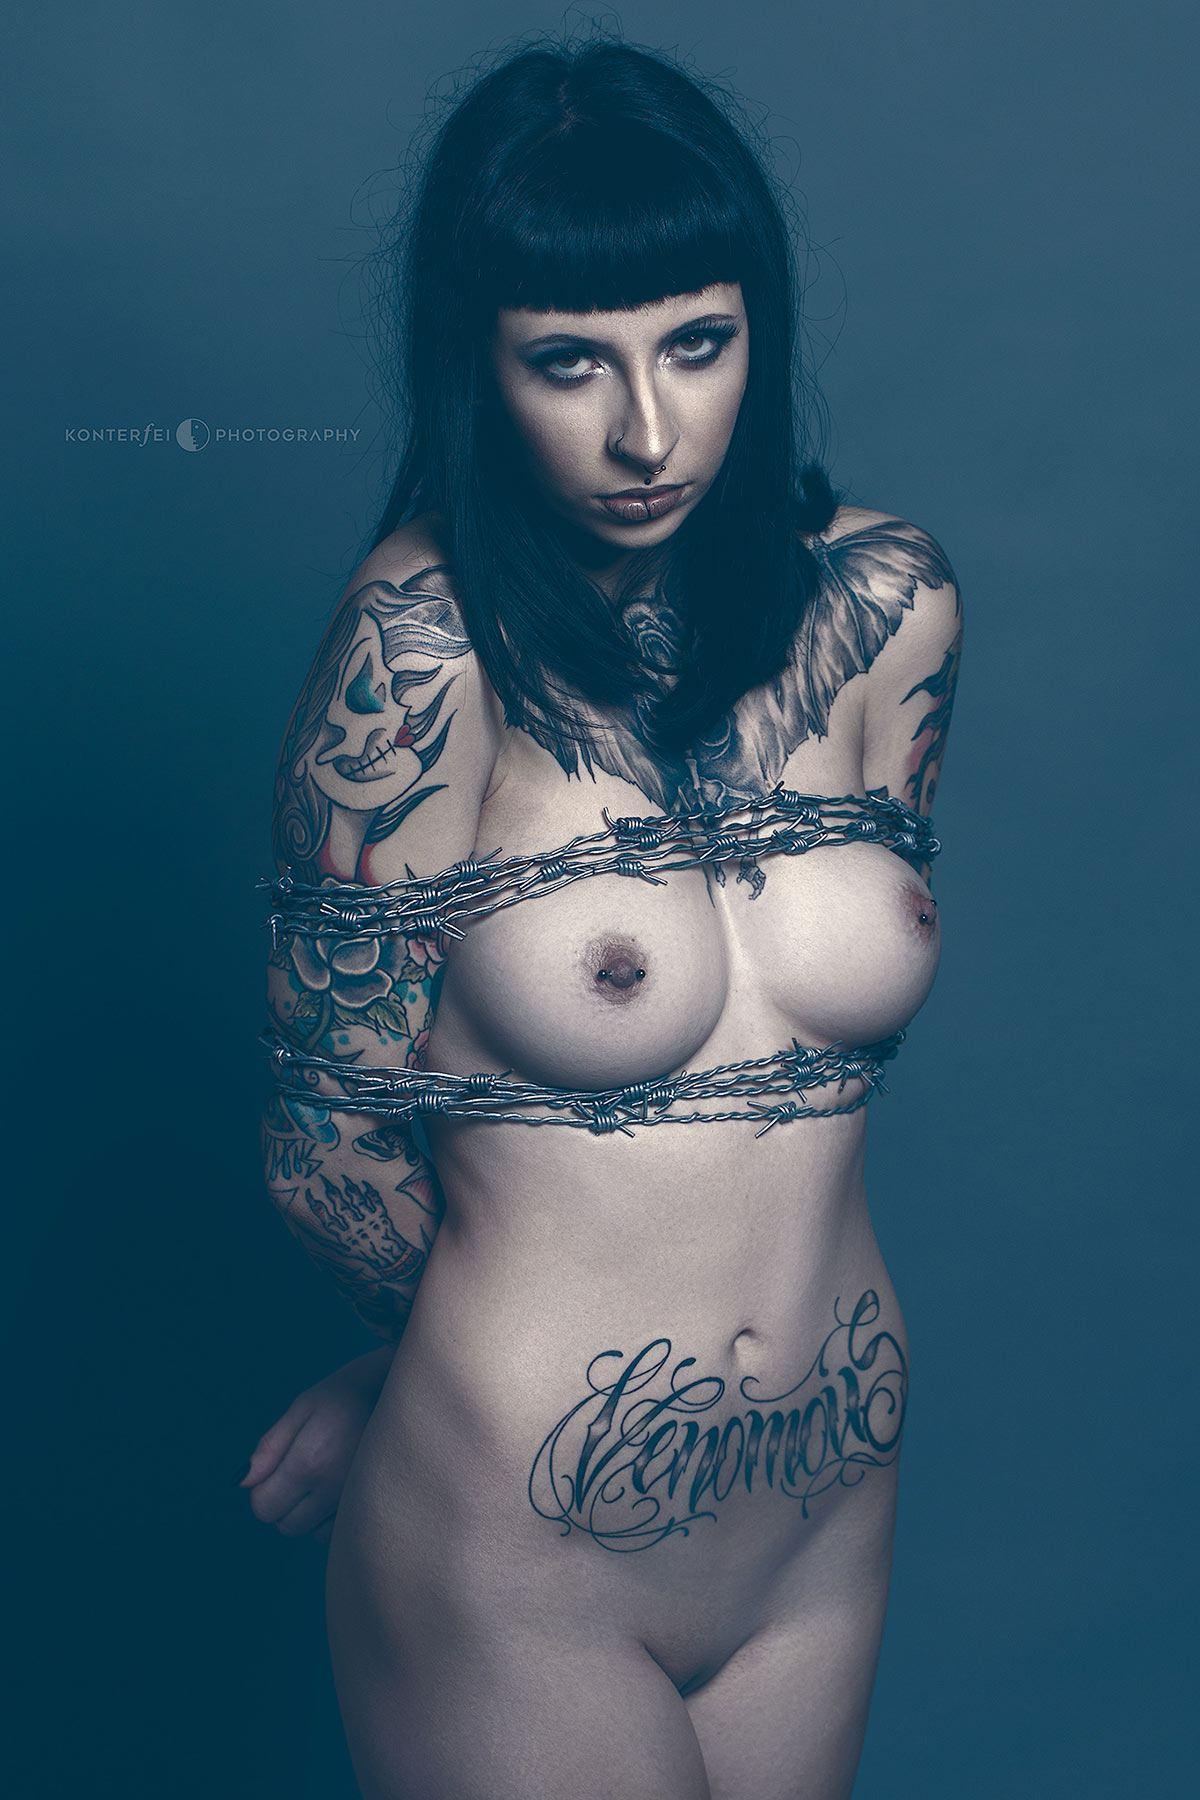 Venomous Bondage | Fetish | Photography